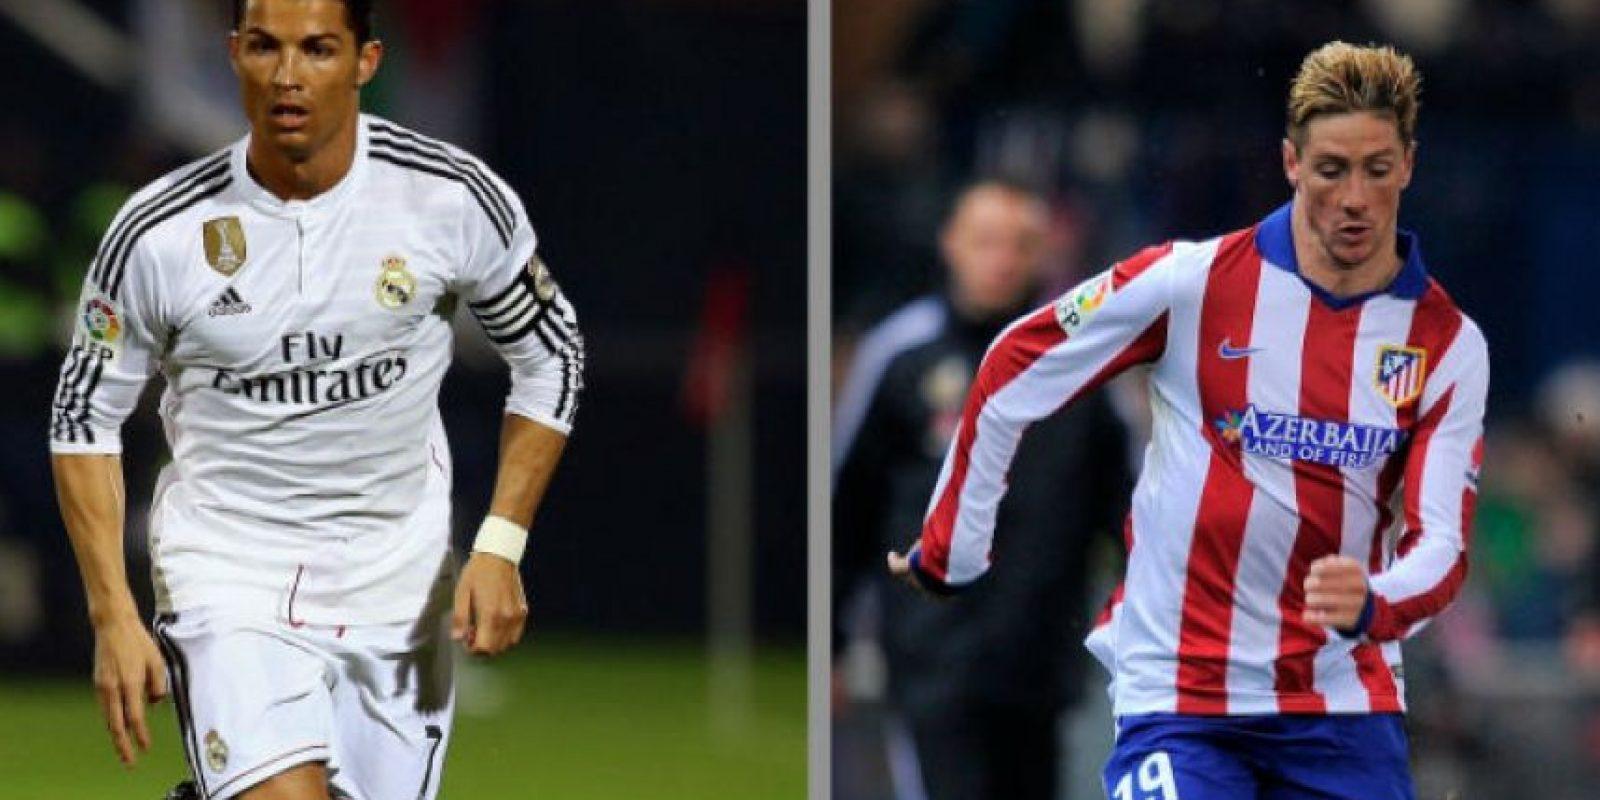 Los merengues buscan revancha por la eliminación en la Copa del Rey. Foto:Getty Images